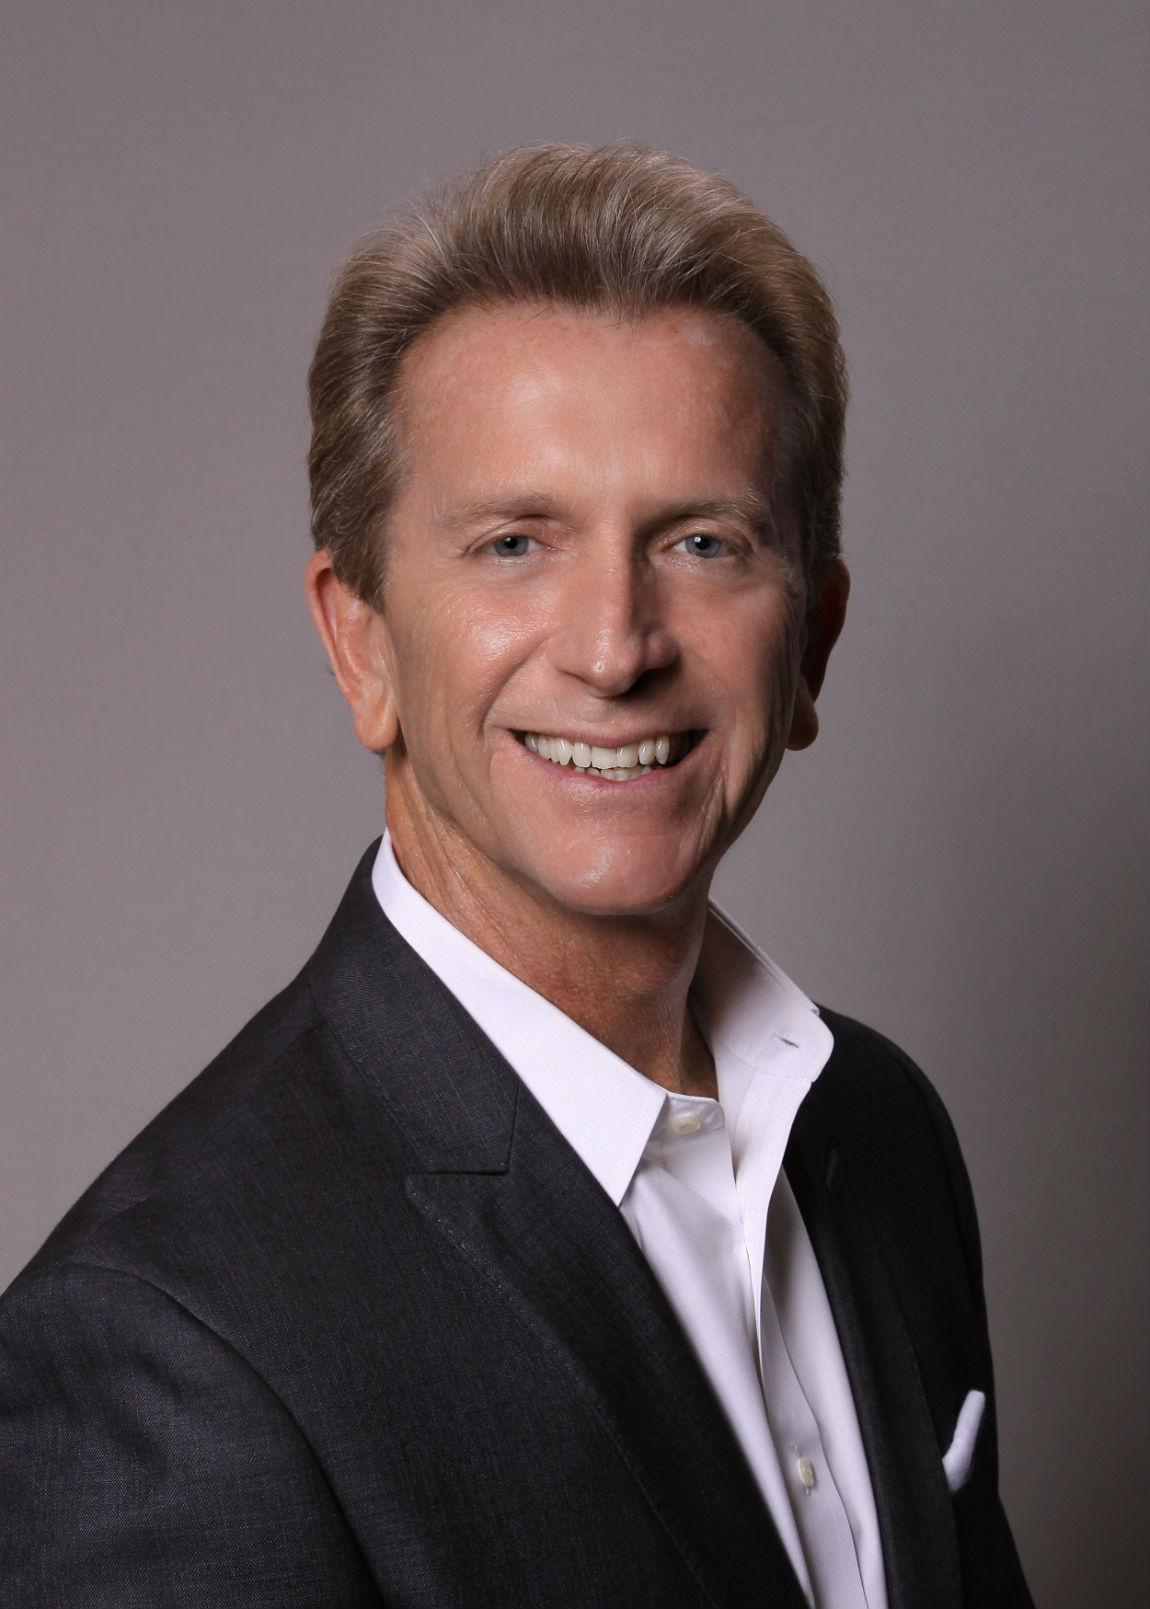 Michael Choiniere